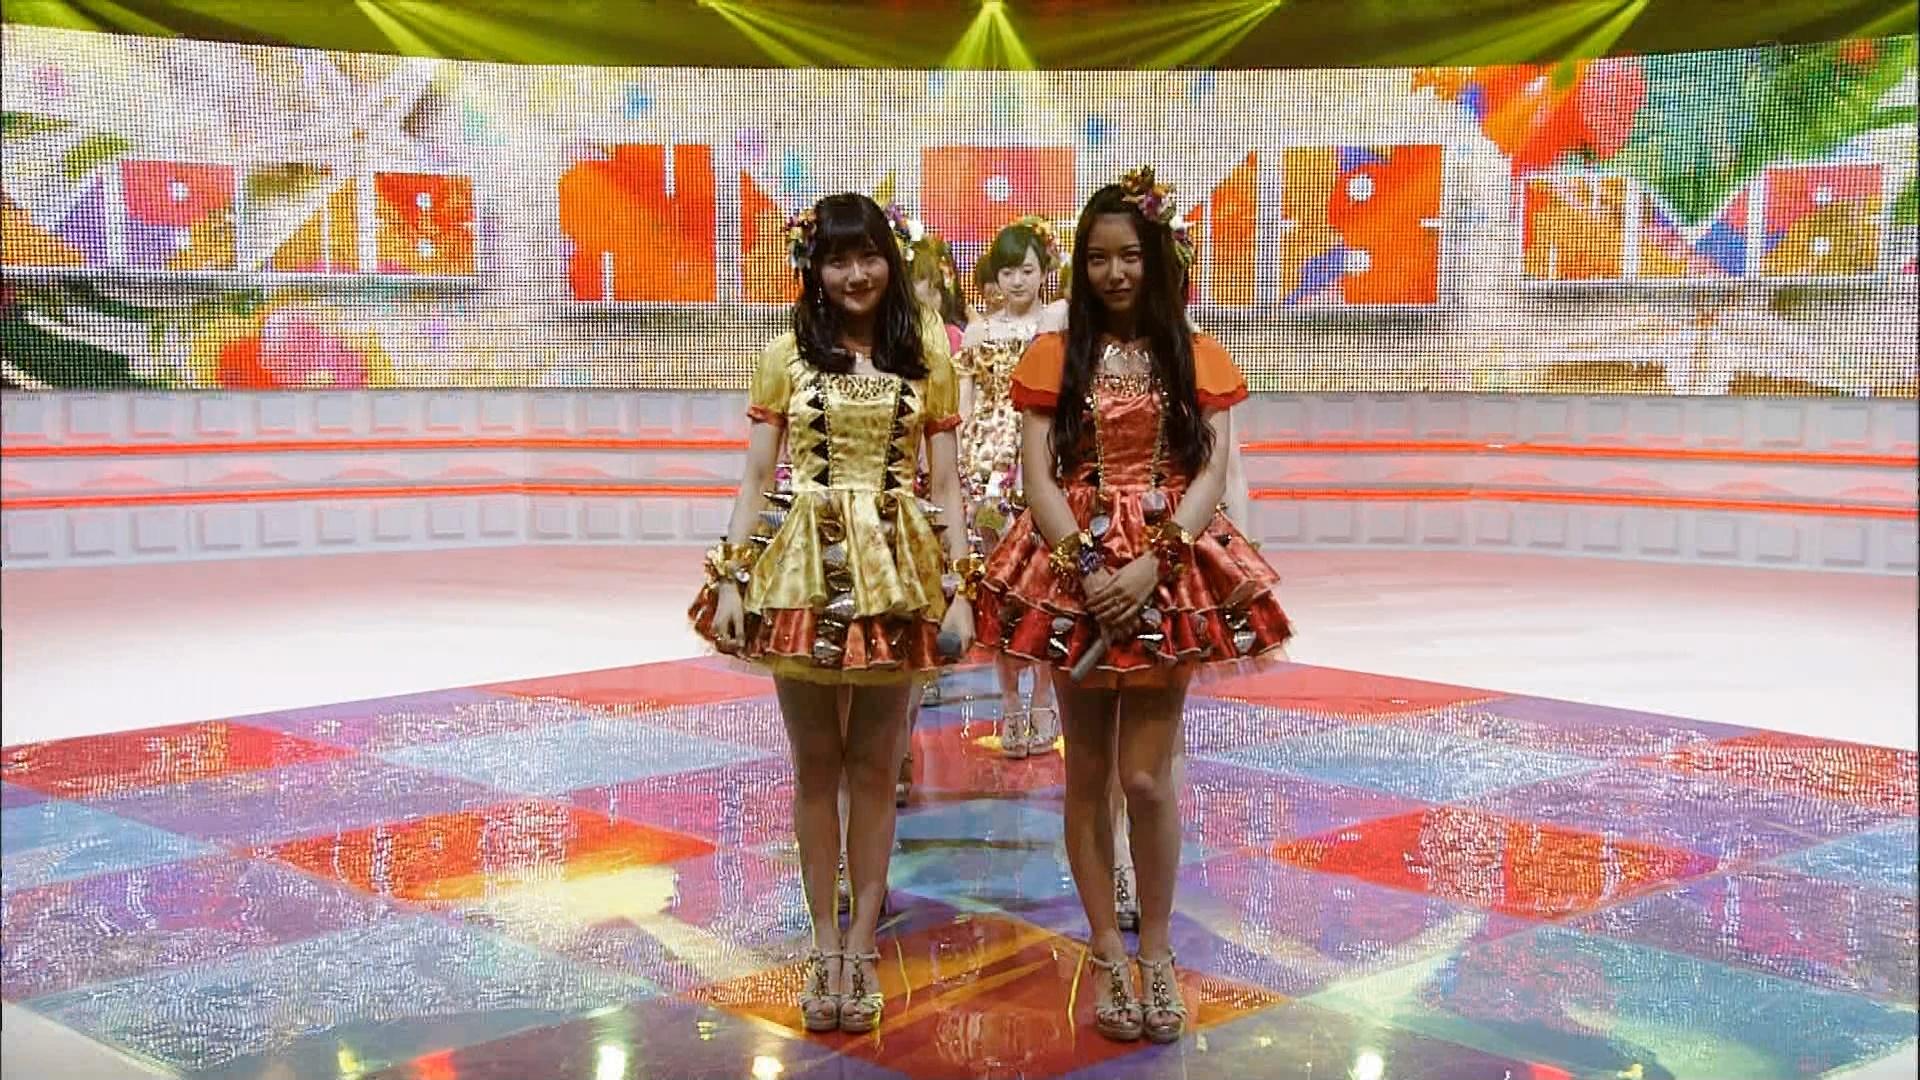 矢倉楓子 NMB48ドリアン少年 AKB48SHOW20150613